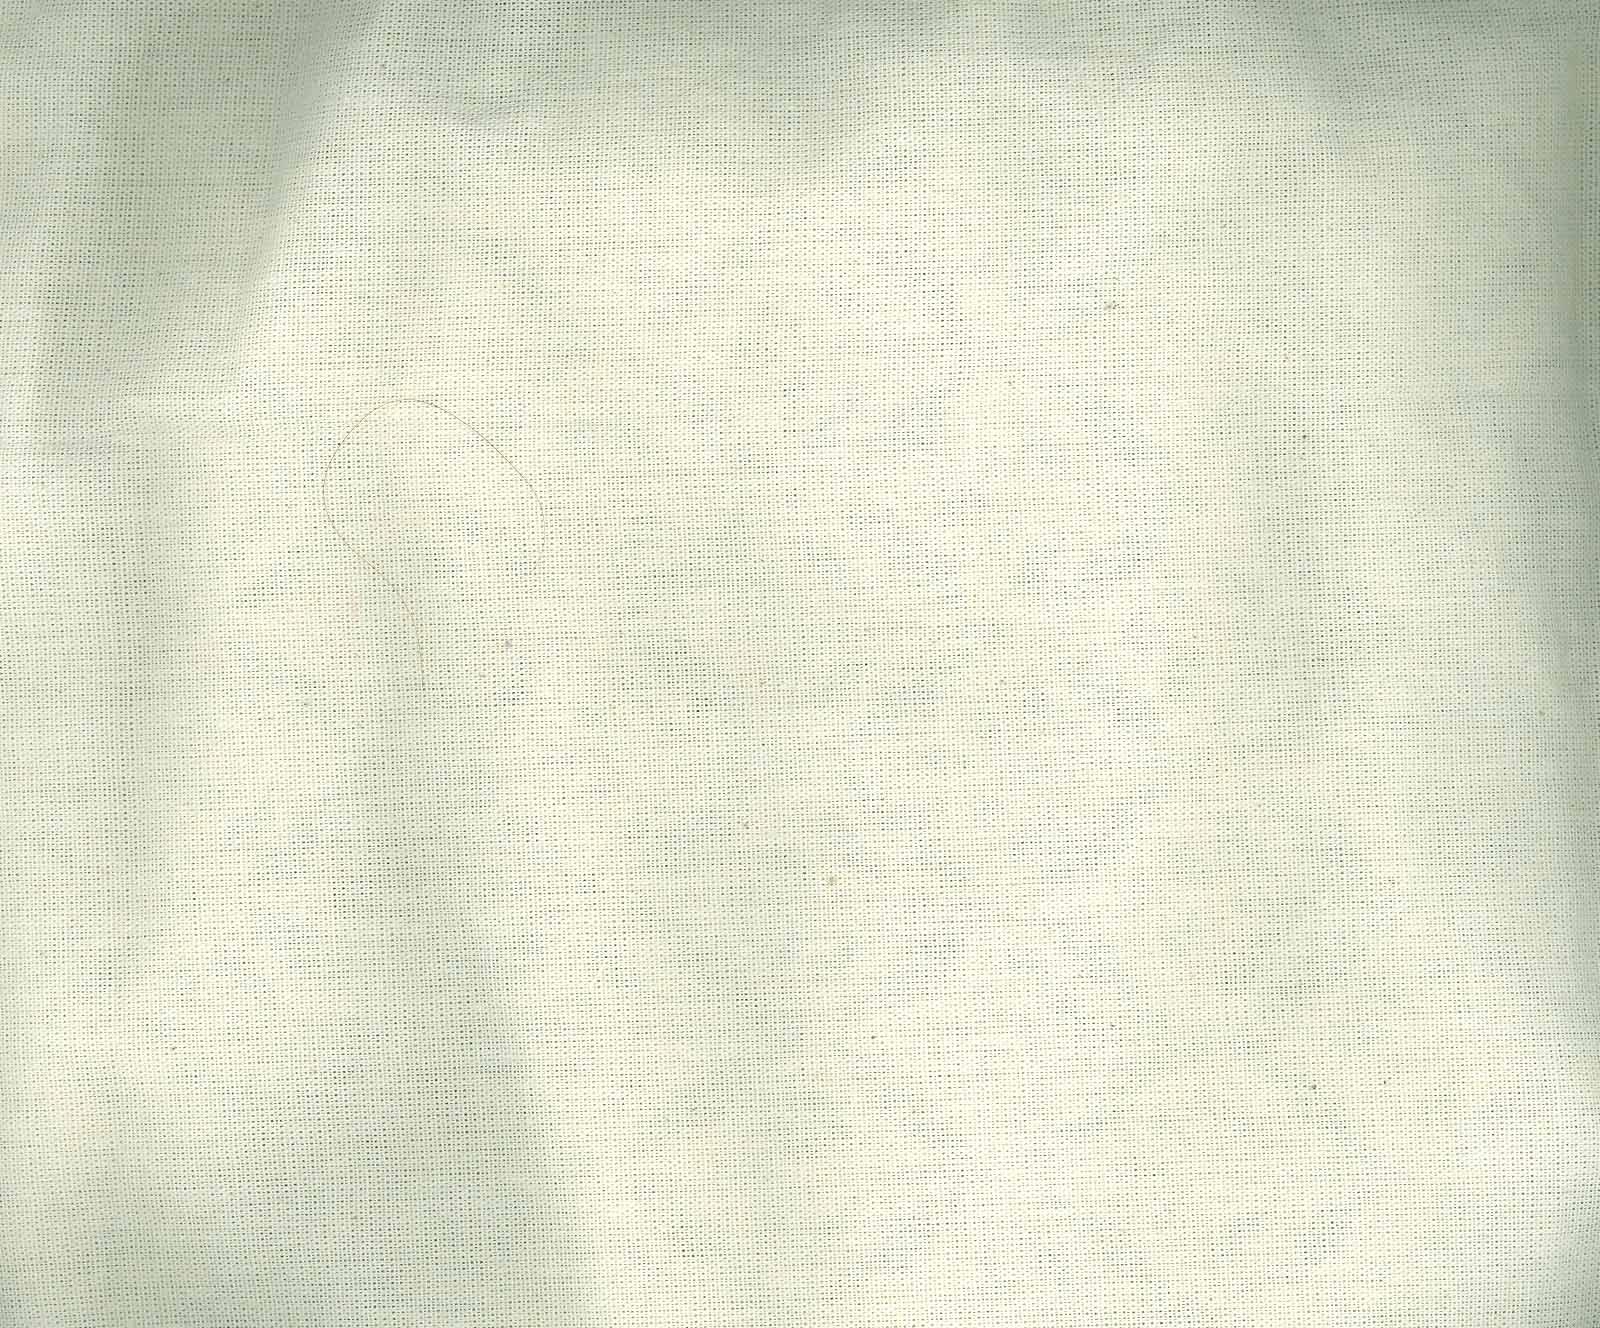 کیف پارچه ای کوچک 25*28 (جیپور سفید،730)